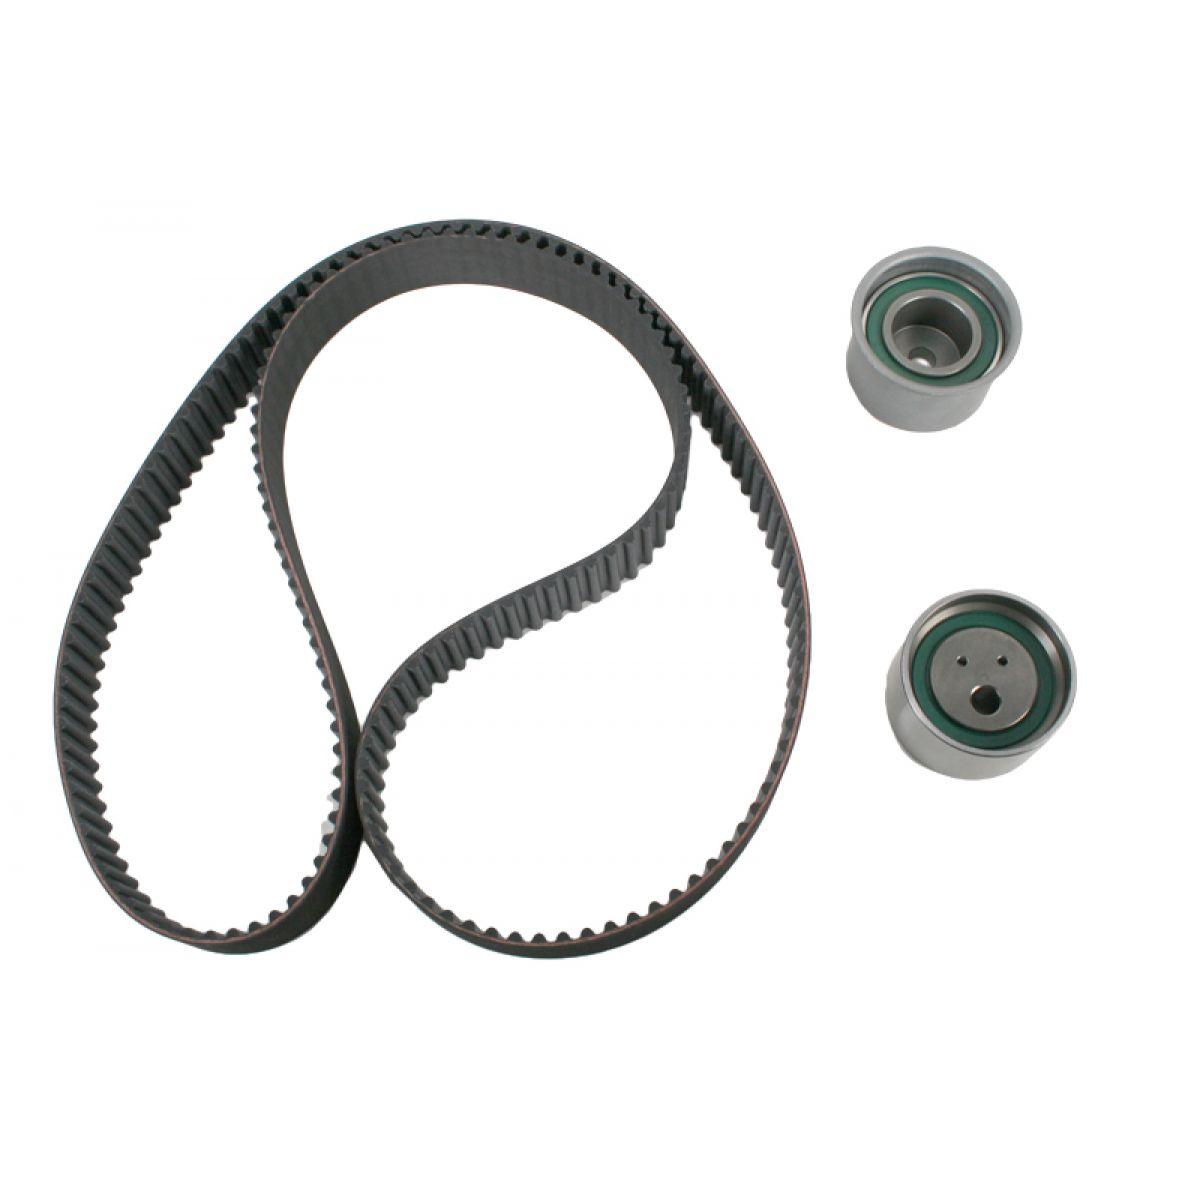 timing belt w idler tensioner set kit 6g73 6g72 for. Black Bedroom Furniture Sets. Home Design Ideas